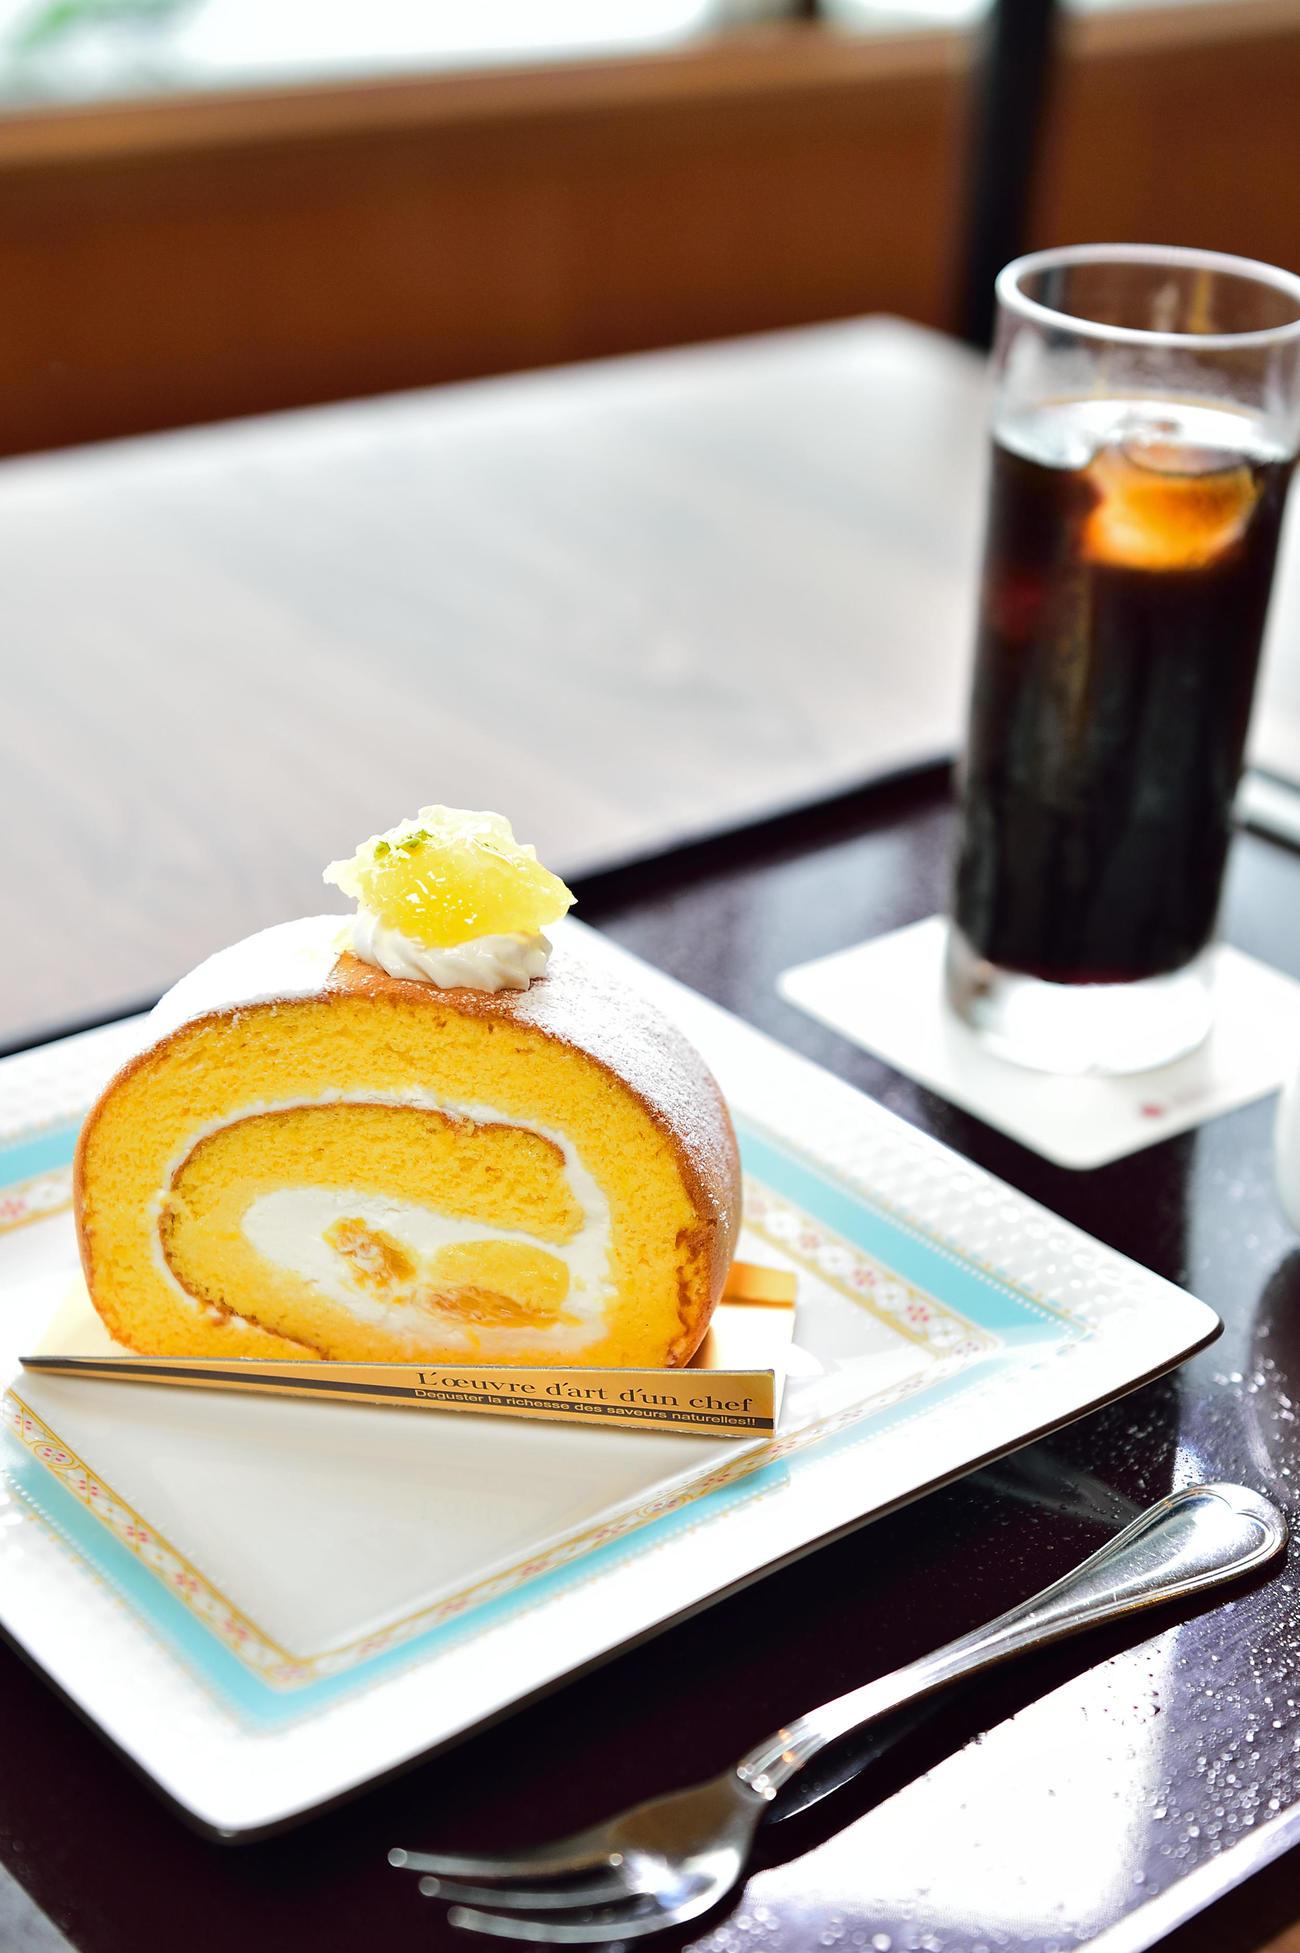 渡辺明名人が午前のおやつに注文した淡路島ロールケーキとアイスコーヒー(日本将棋連盟提供)